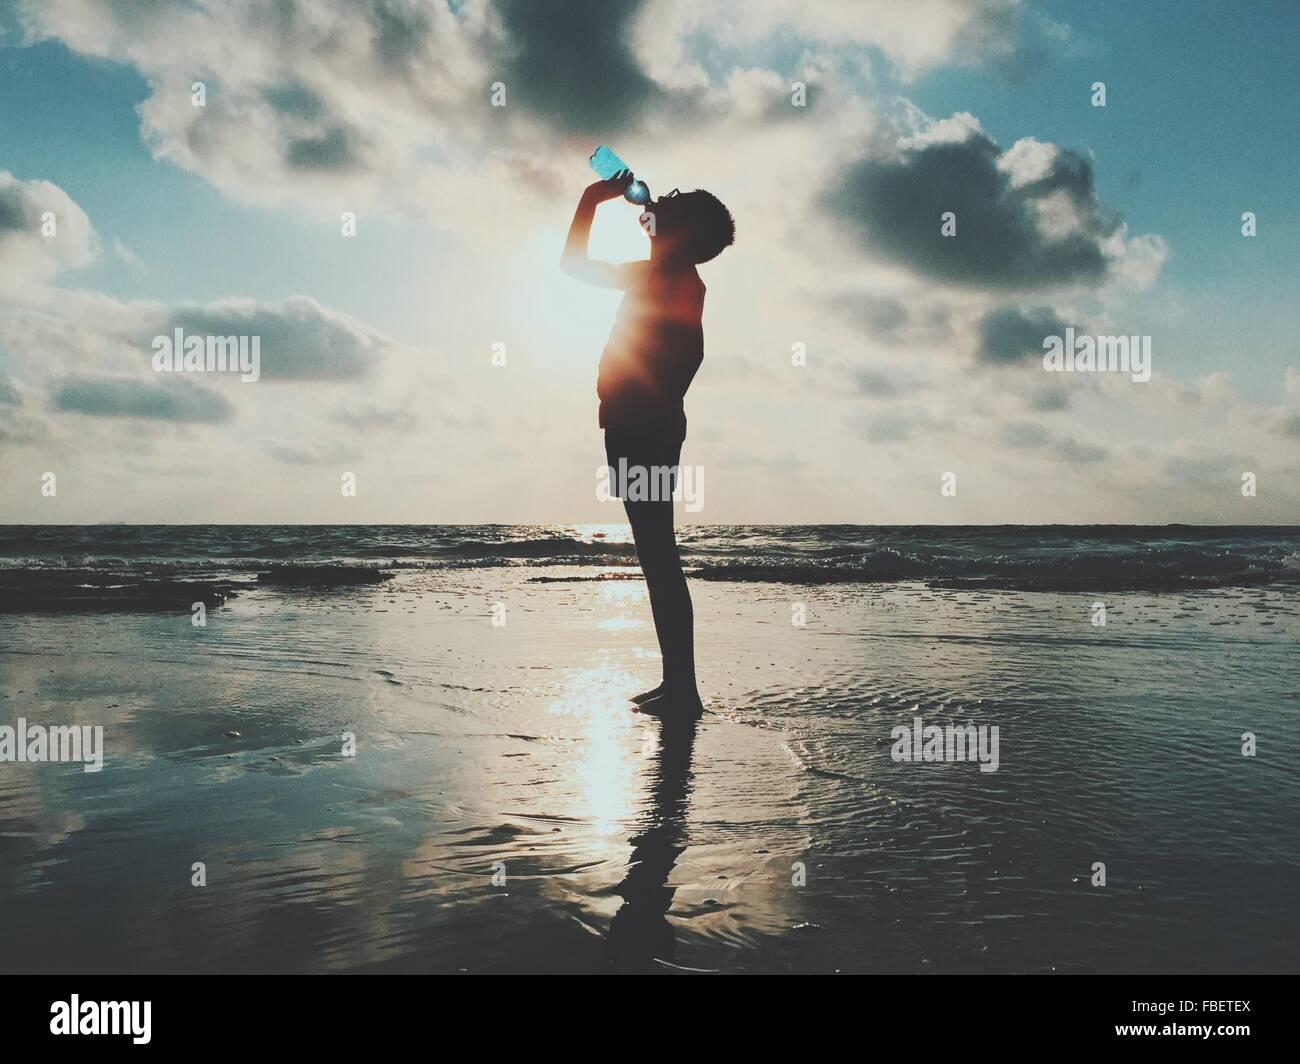 Vista lateral del hombre de pie y el agua de bebida a la orilla del mar contra el cielo nublado Imagen De Stock